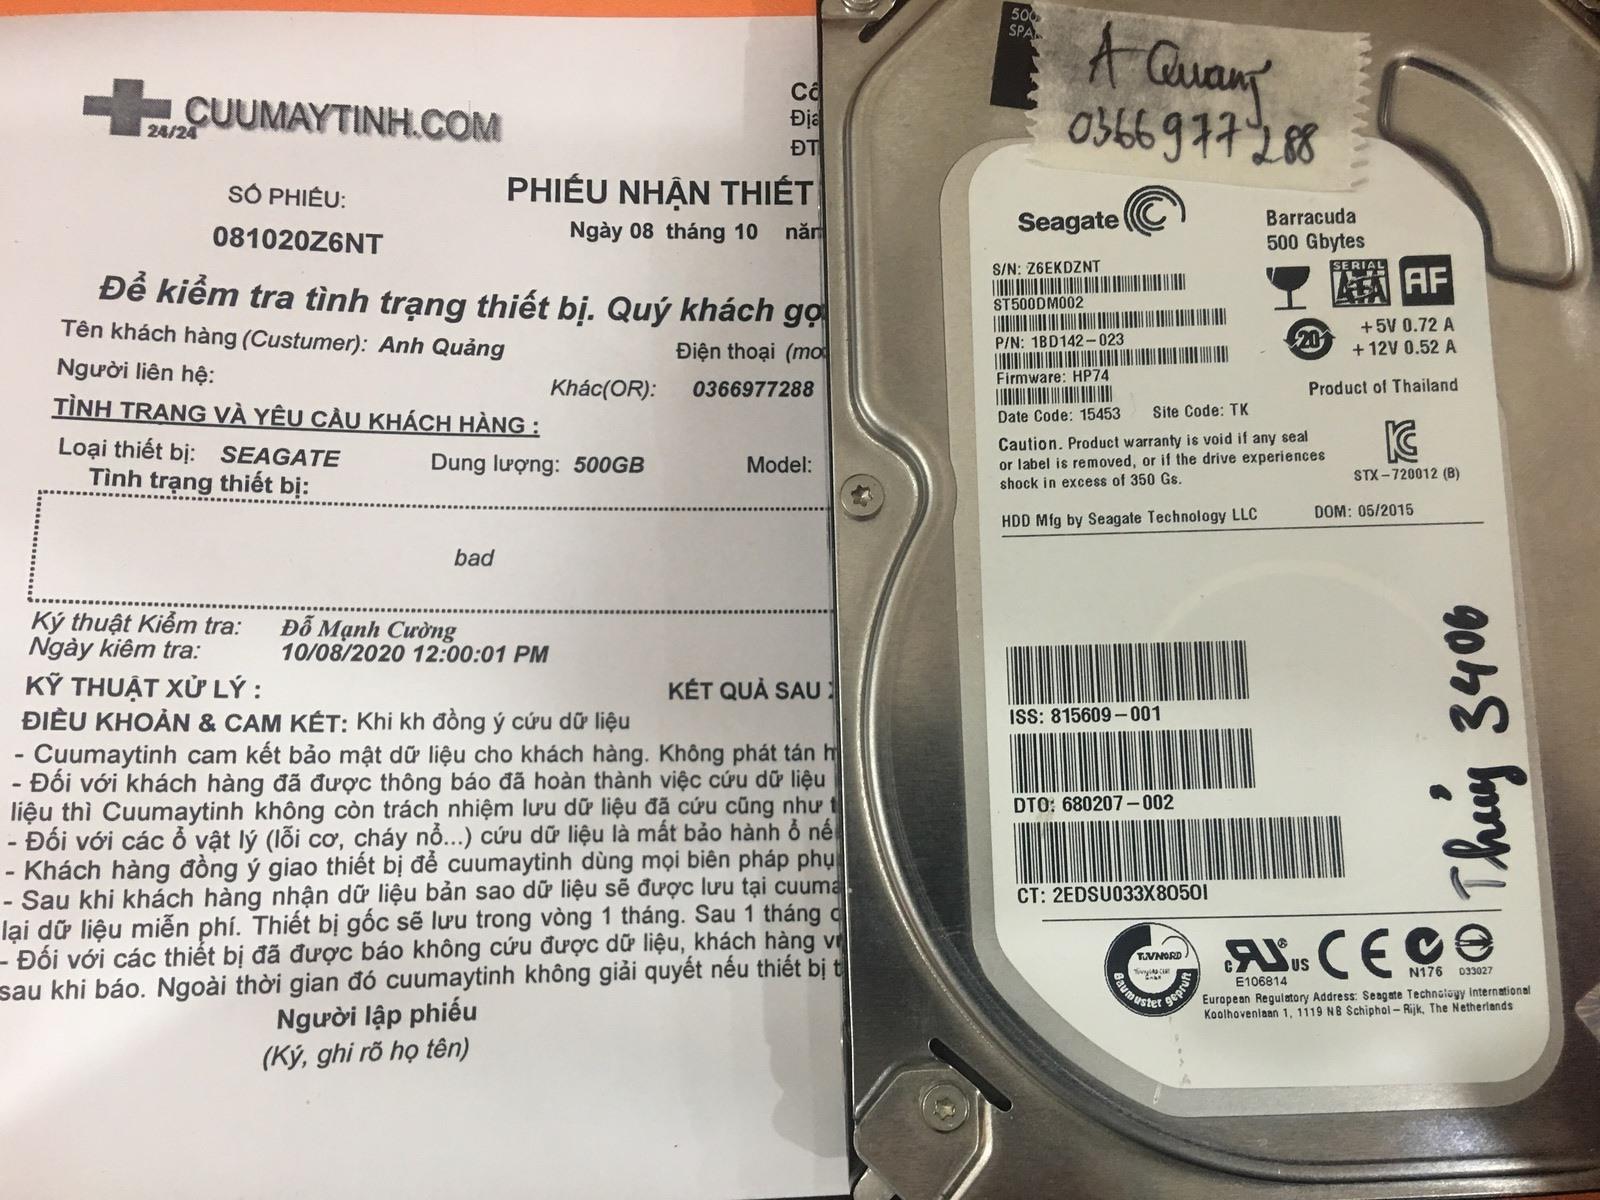 Khôi phục dữ liệu ổ cứng Seagate 500GB bad 08/10/2020 - cuumaytinh